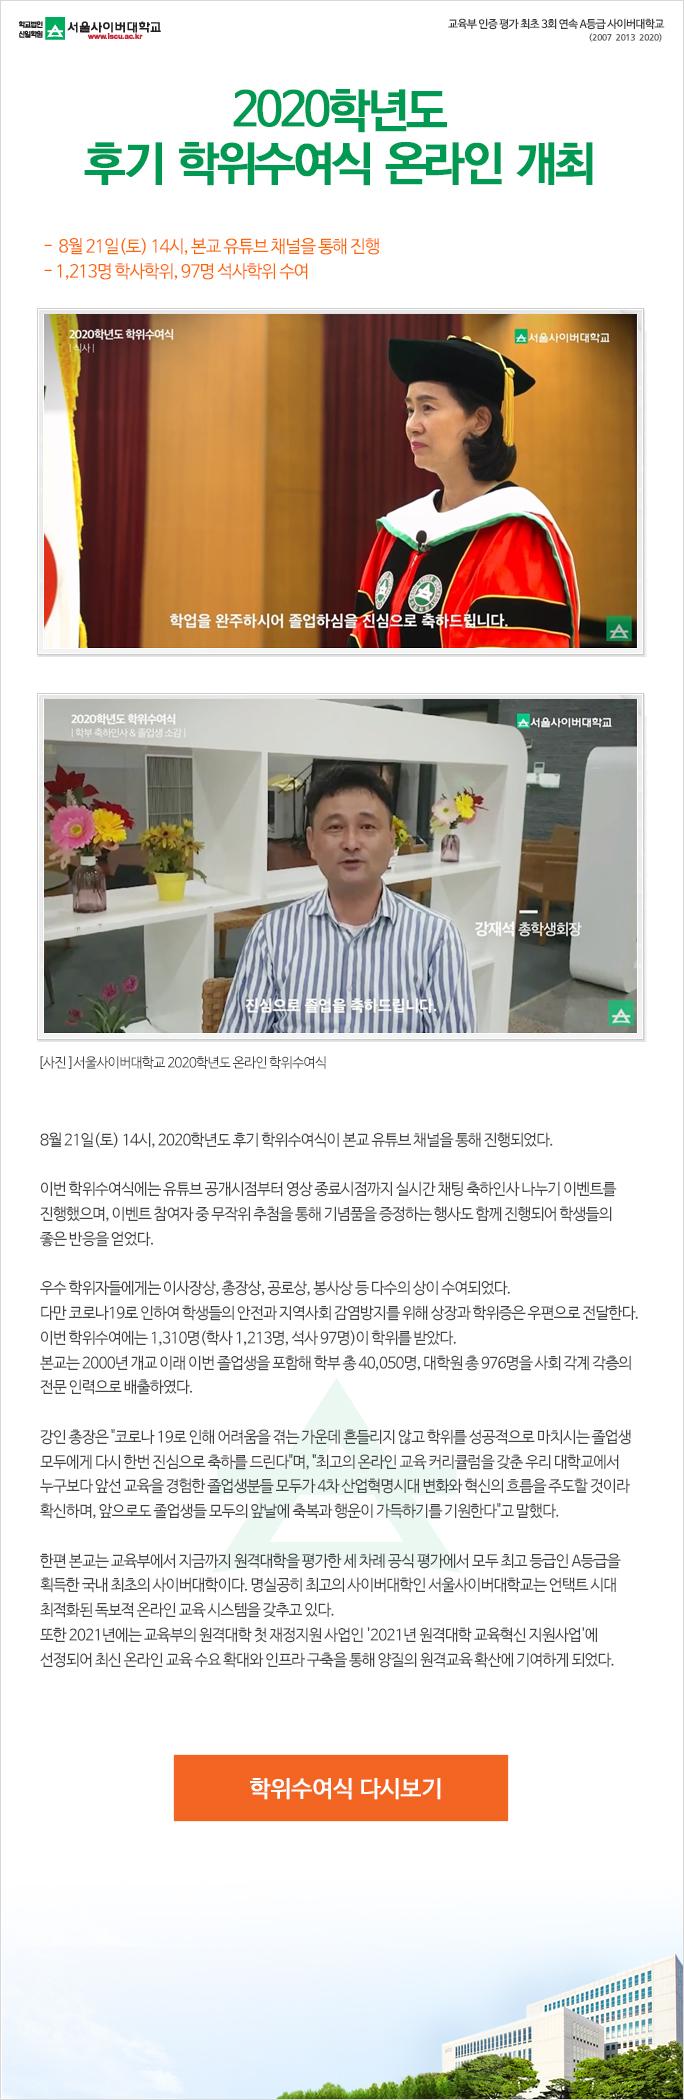 2020학년도 후기 학위수여식 온라인 개최